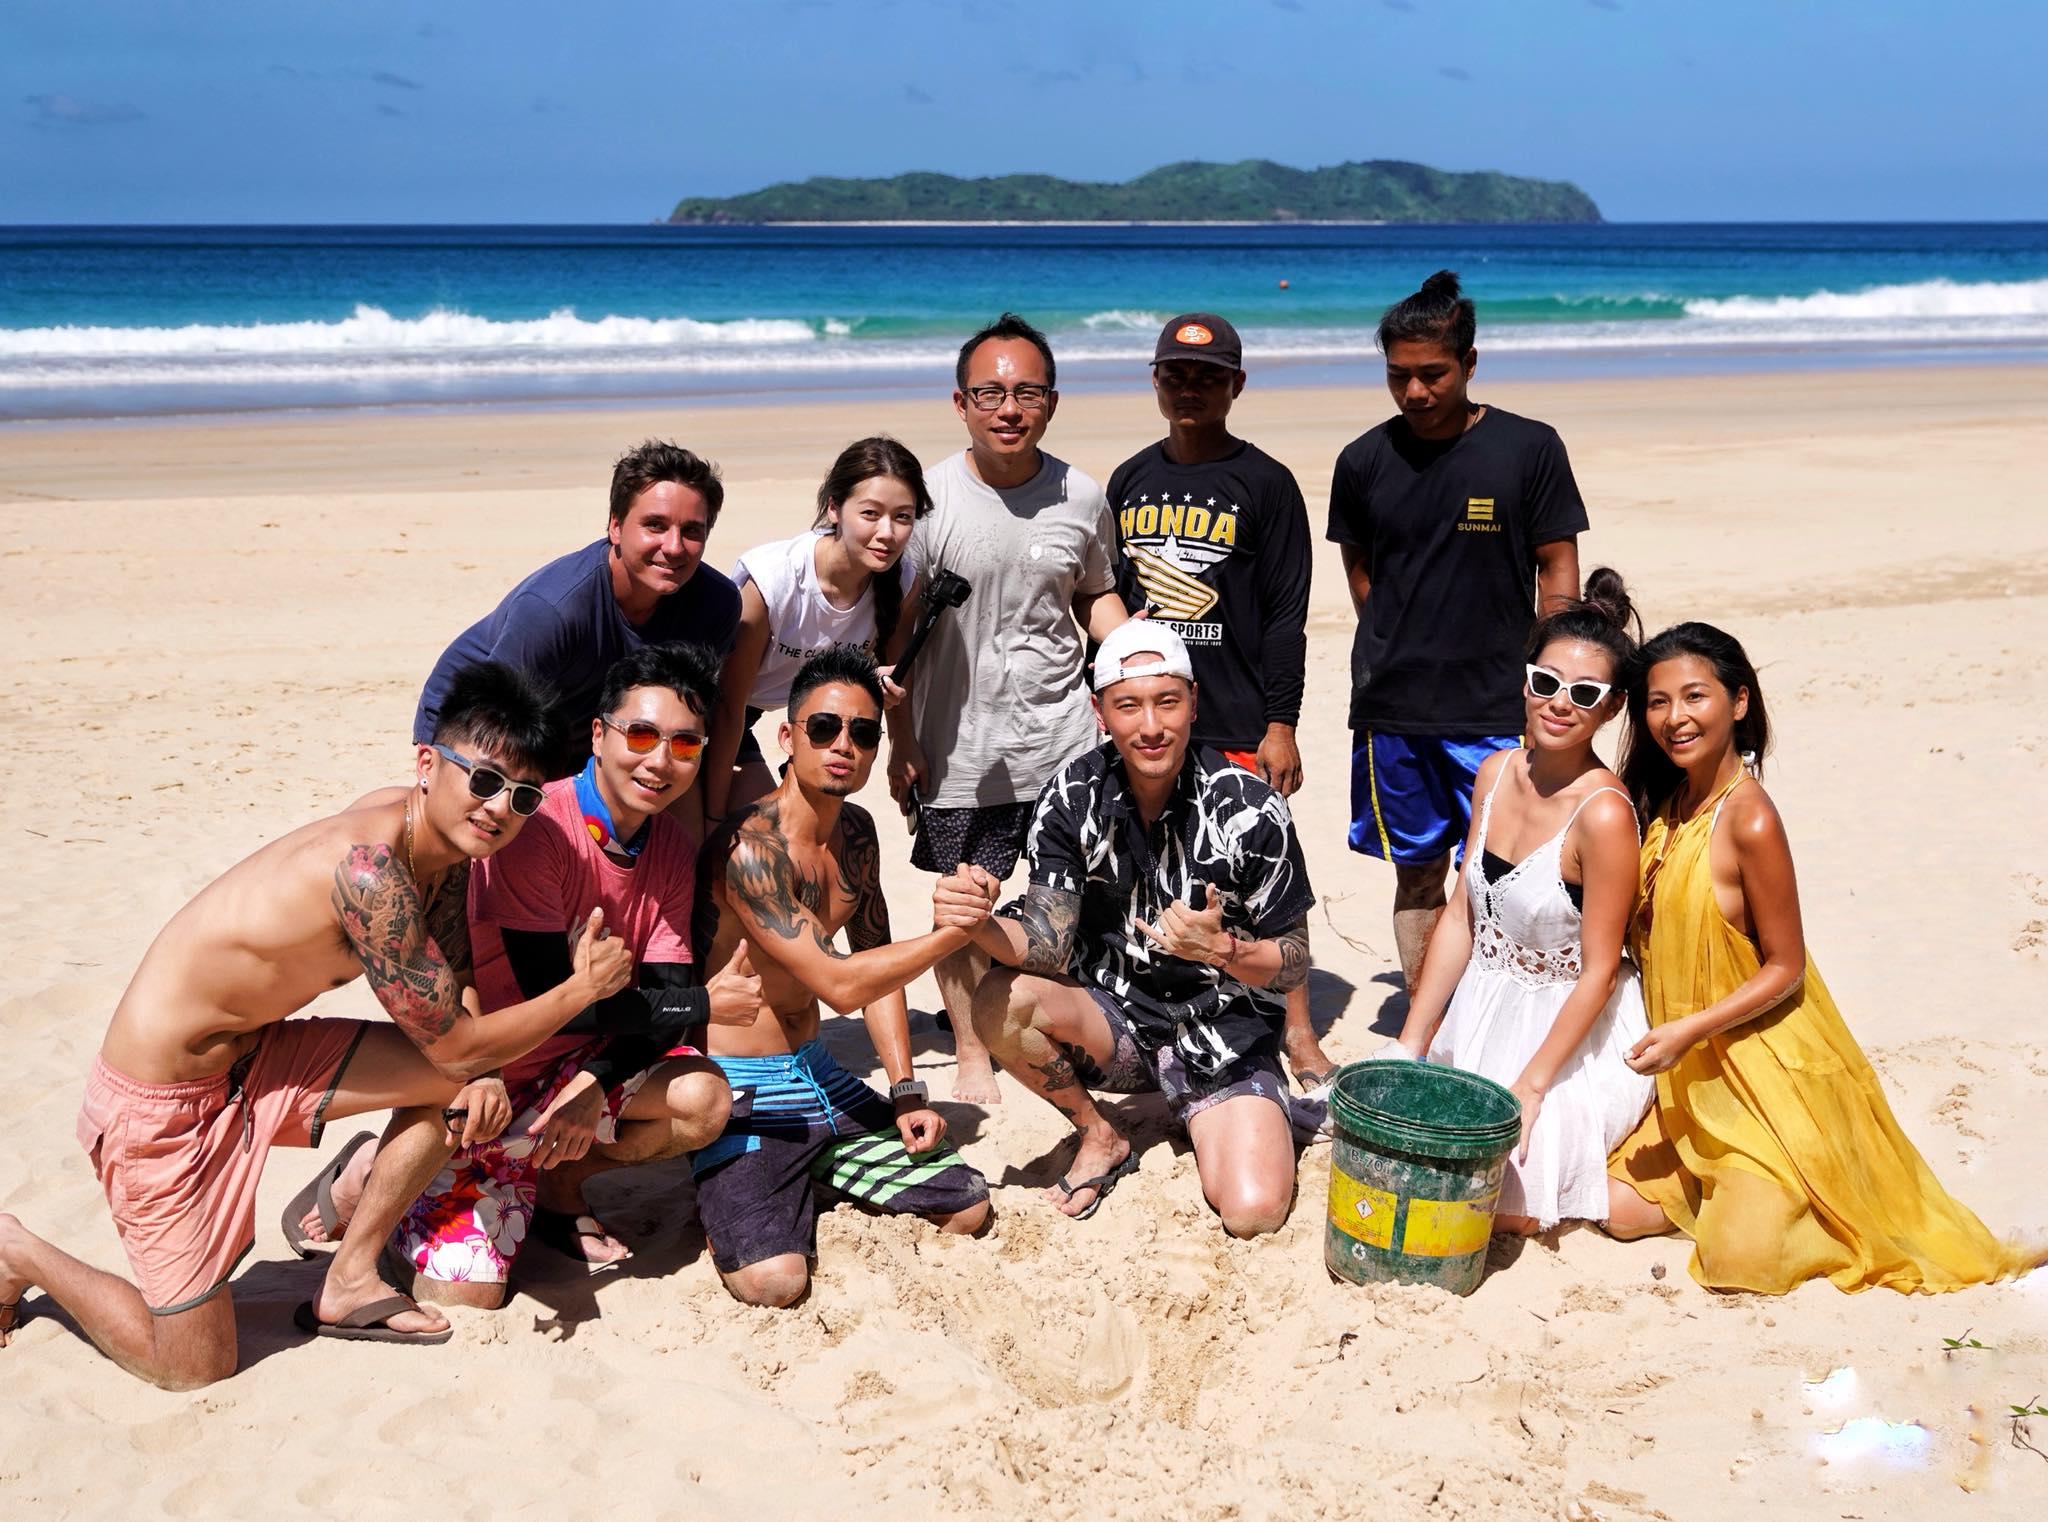 永續保育愛妮島:海龜保育季開始